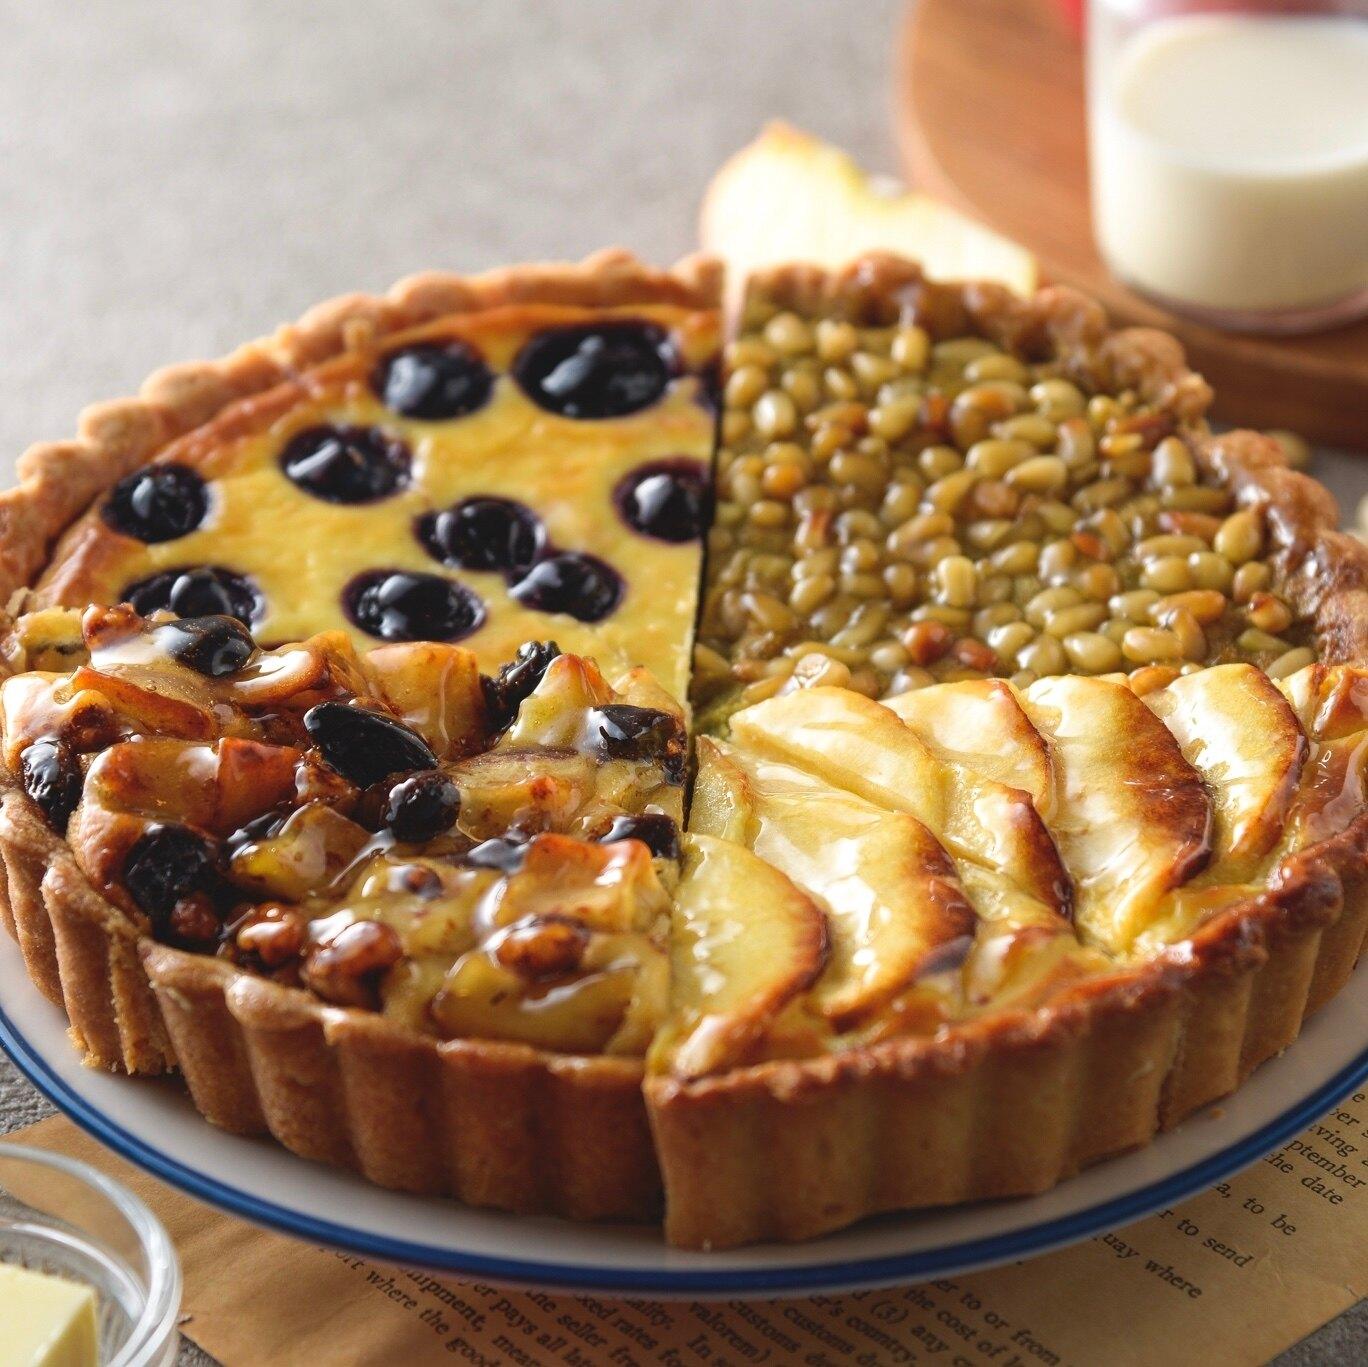 【烘樂夫烘焙】(8入組合搭配)  法式甜派 乳酪蘋果派1片 乳酪藍莓派1片  法式蘋果派1片  抹茶松子派1片  舒芙列蛋糕4片     巴黎的滋味